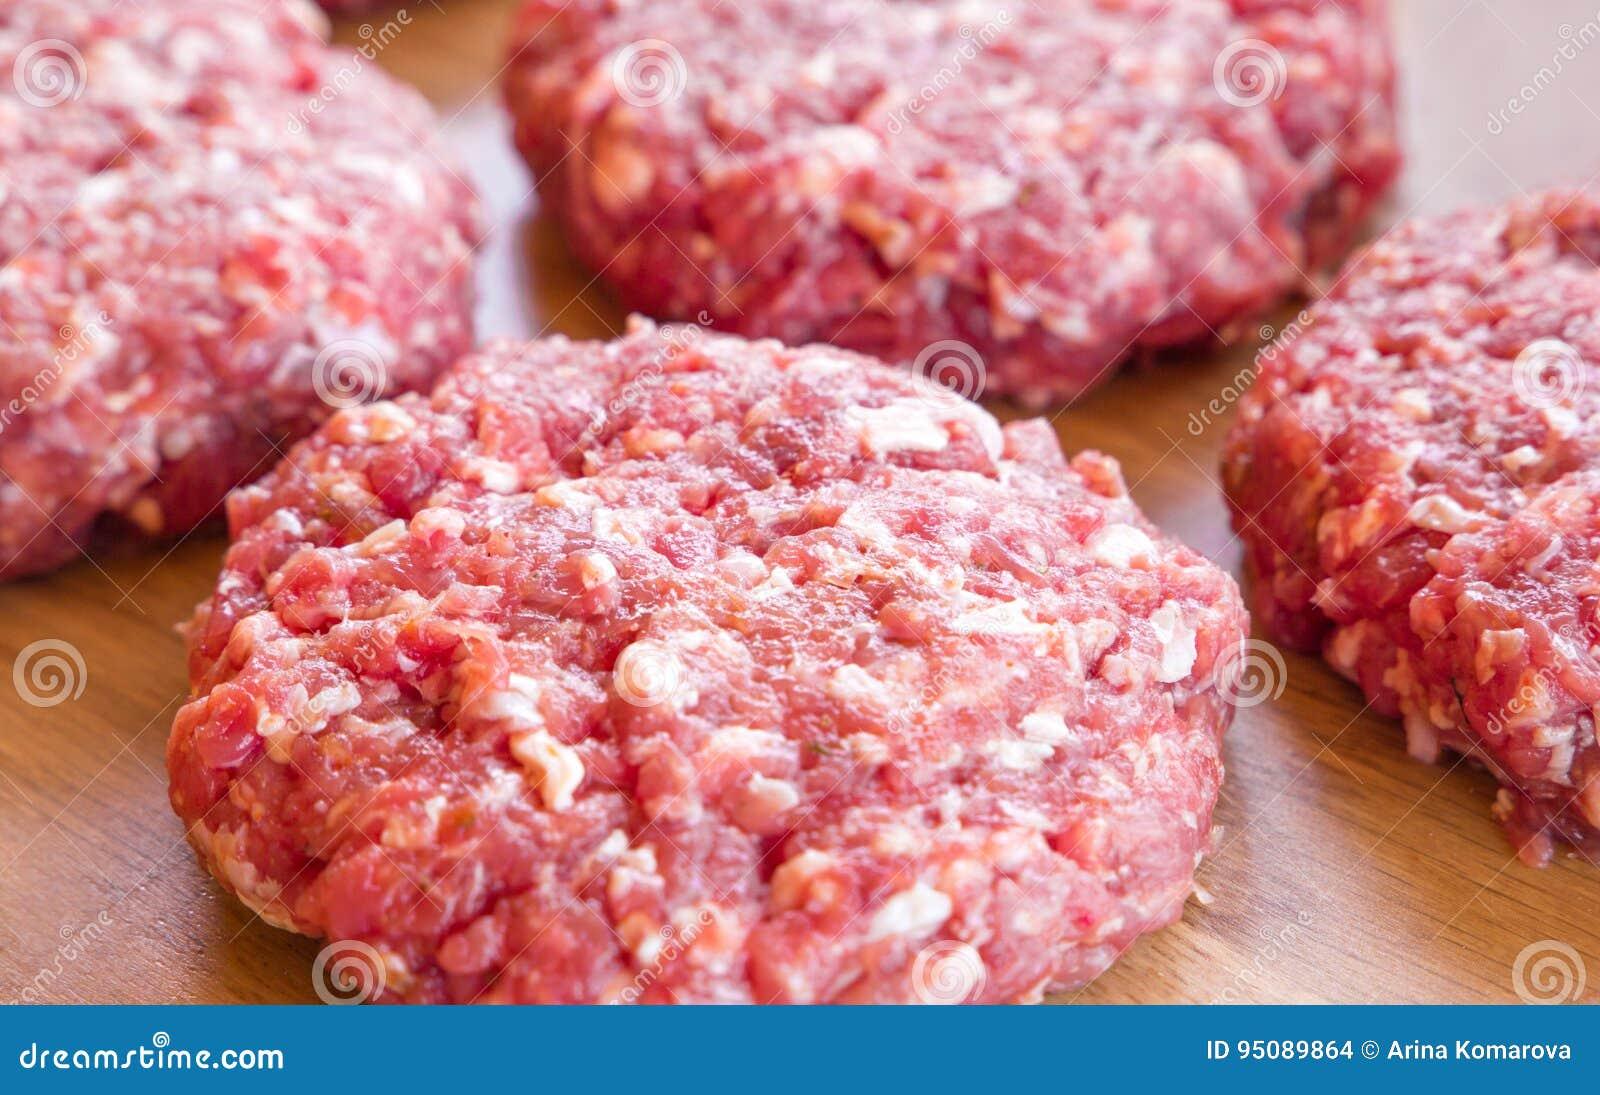 Organiskt rått jordnötkött, runda små pastejer för framställning av den hemlagade hamburgaren på träskärbräda